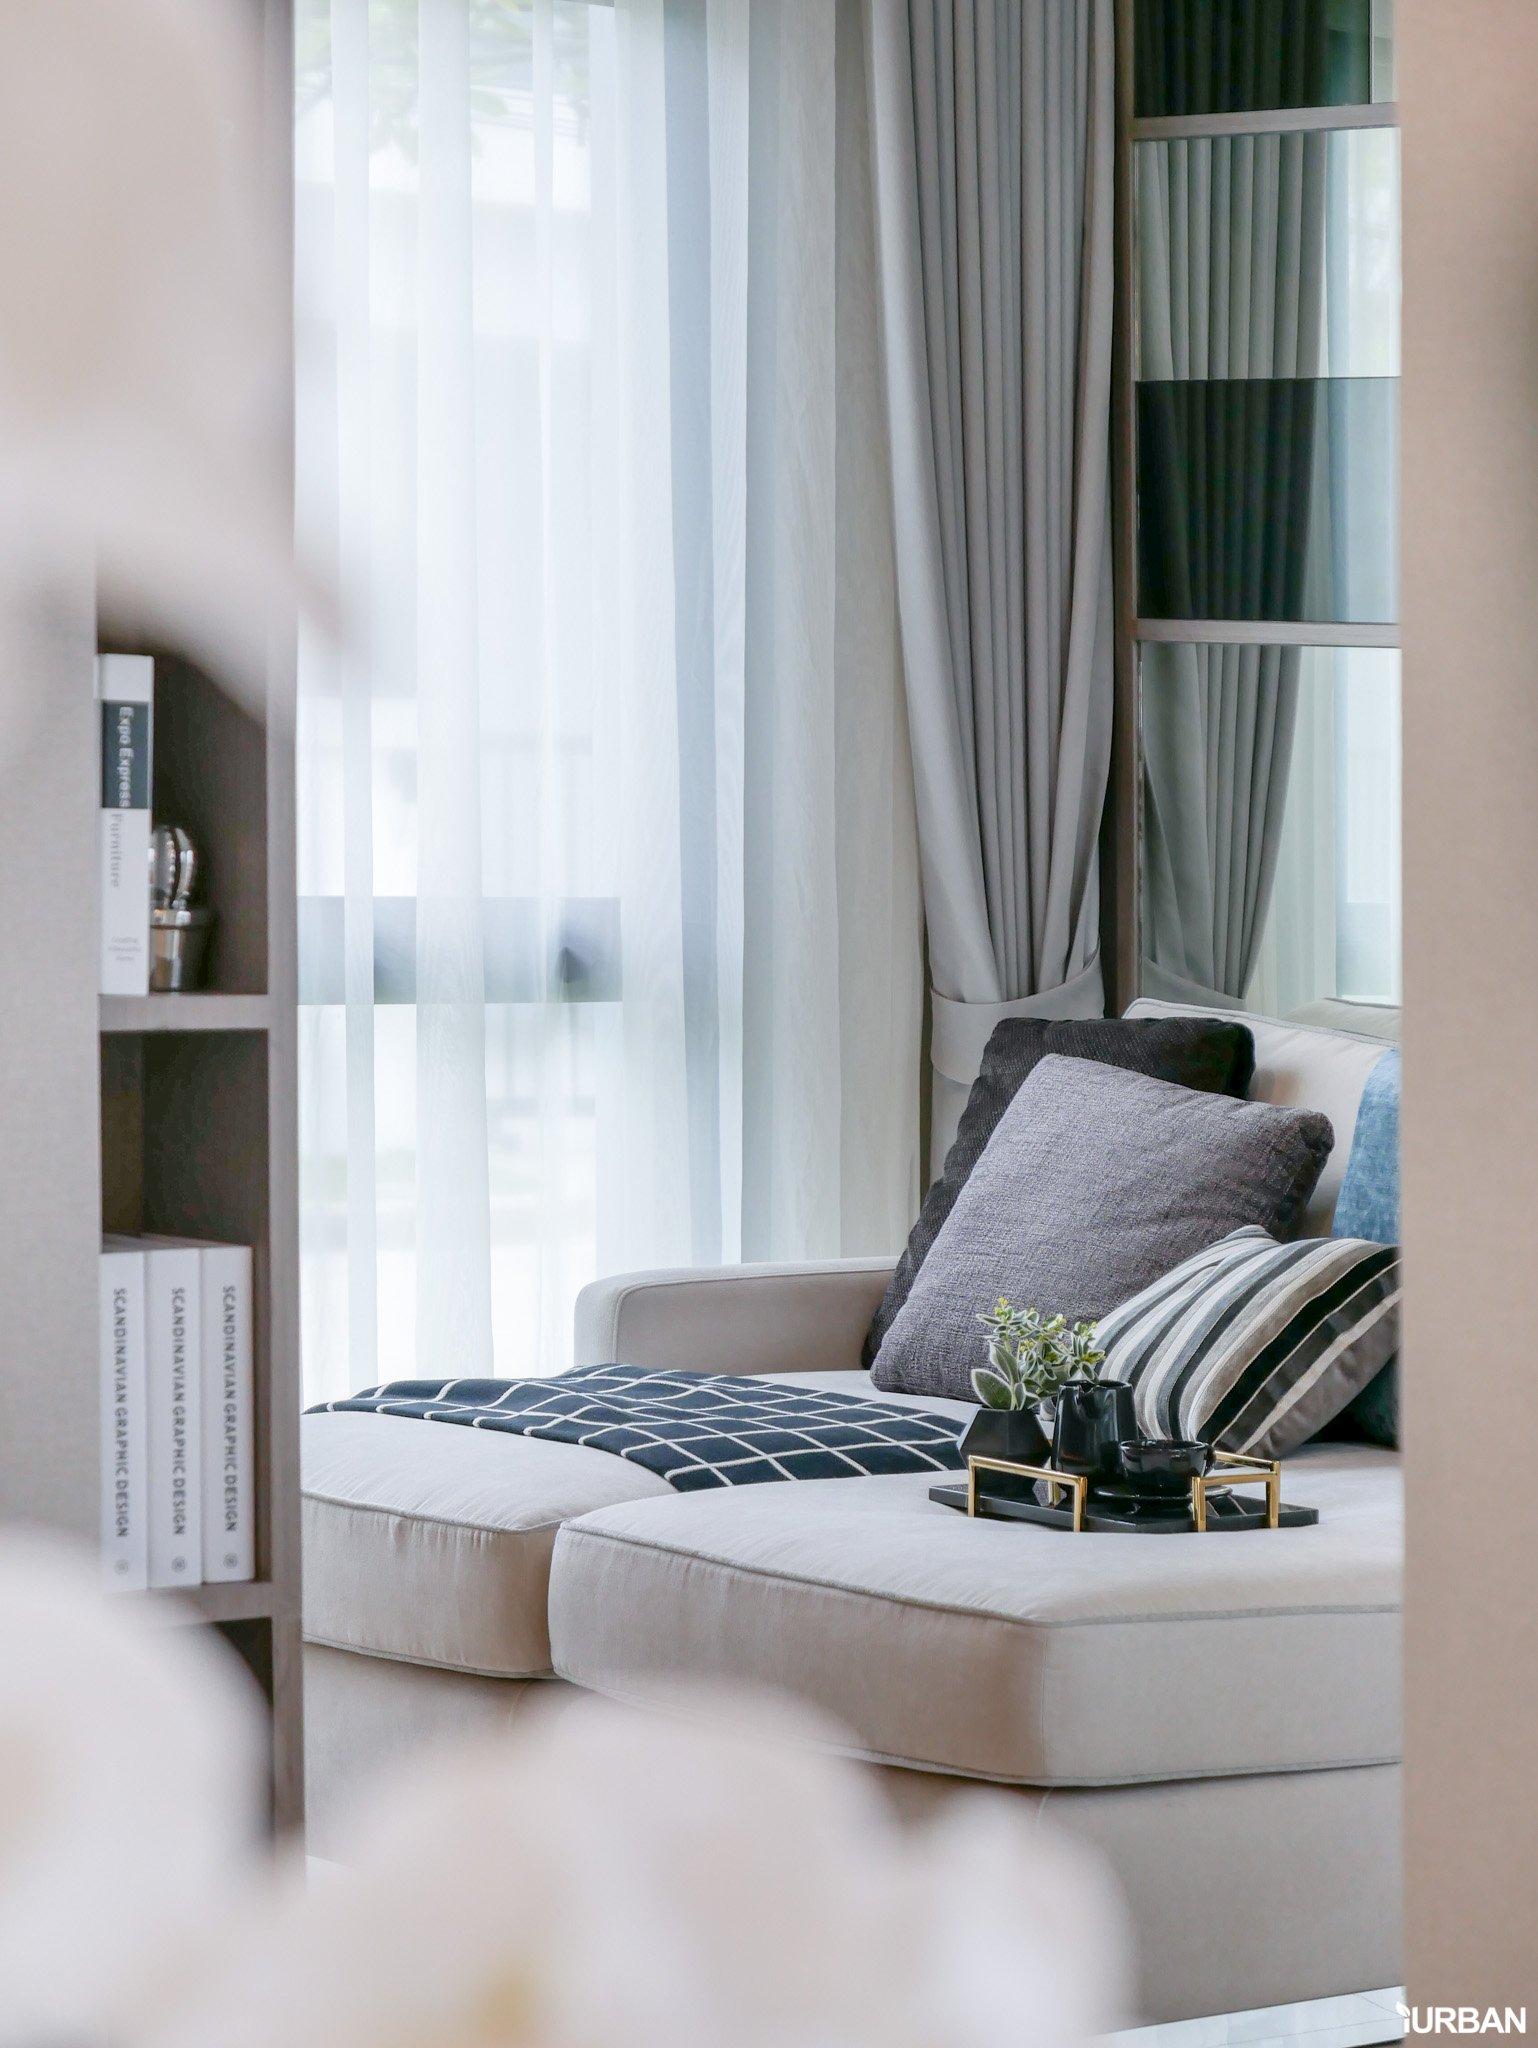 AIRI แอริ พระราม 2 บ้านเดี่ยว 4 ห้องนอน ออกแบบโปร่งสบายด้วยแนวคิดผสานการใช้ชีวิตกับธรรมชาติ 76 - Ananda Development (อนันดา ดีเวลลอปเม้นท์)